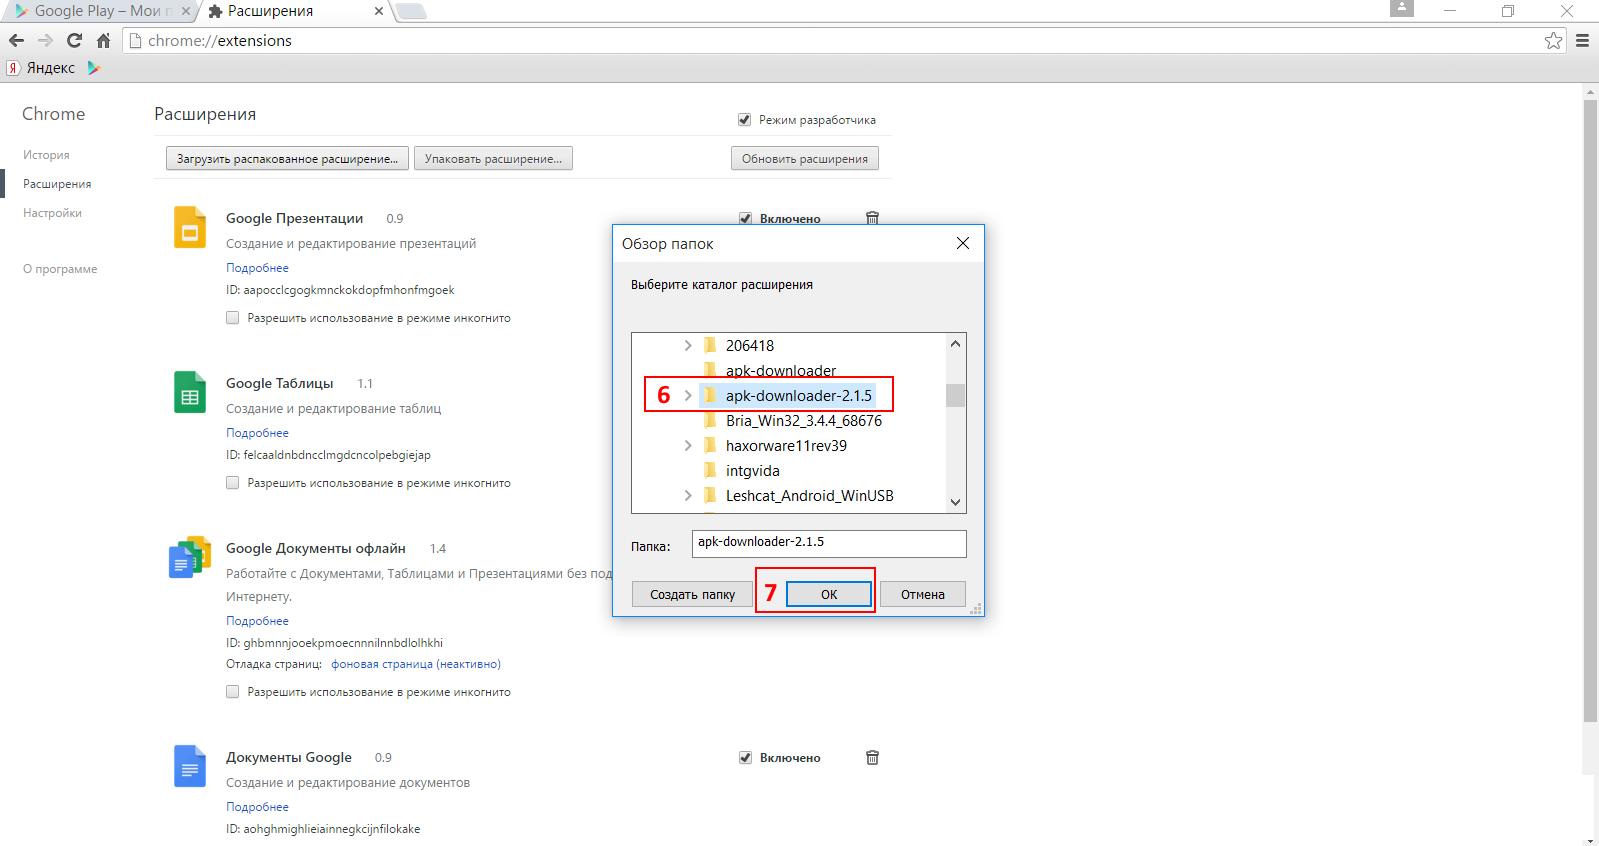 Как настроить офлайн-доступ к документам, таблицам и презентациям google